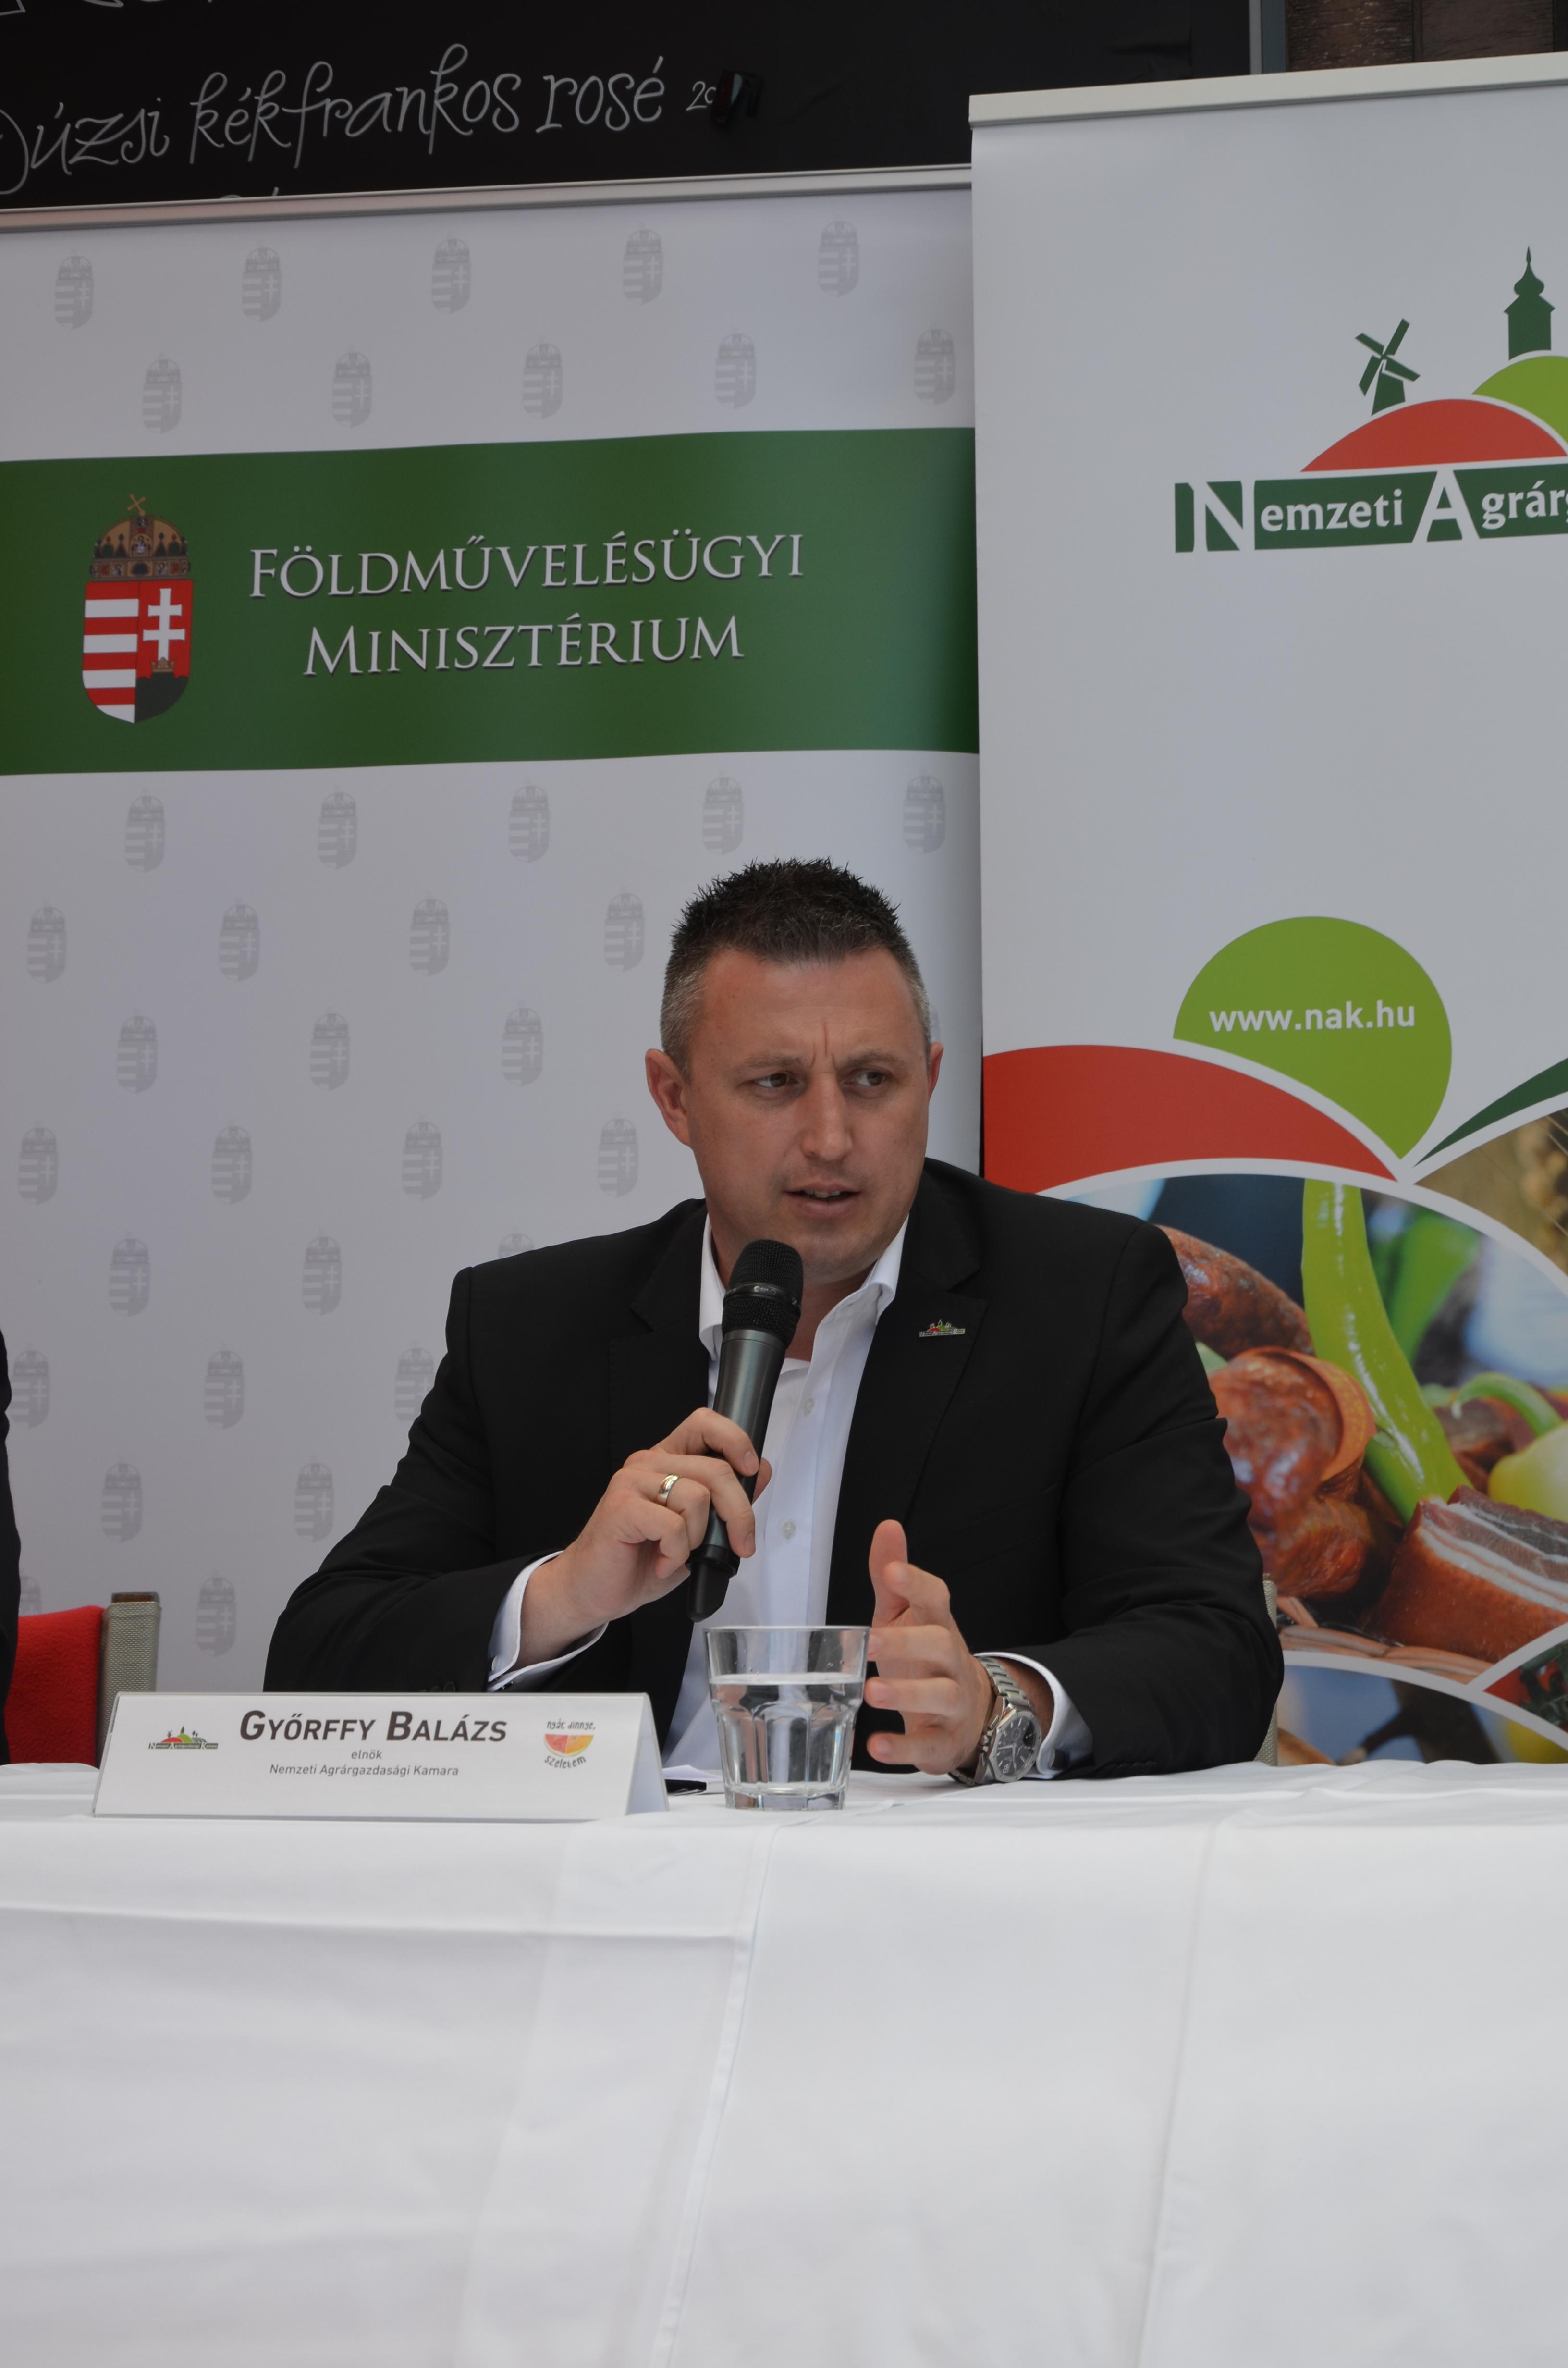 Magyar dinnye promóció - sajtótájékoztató18